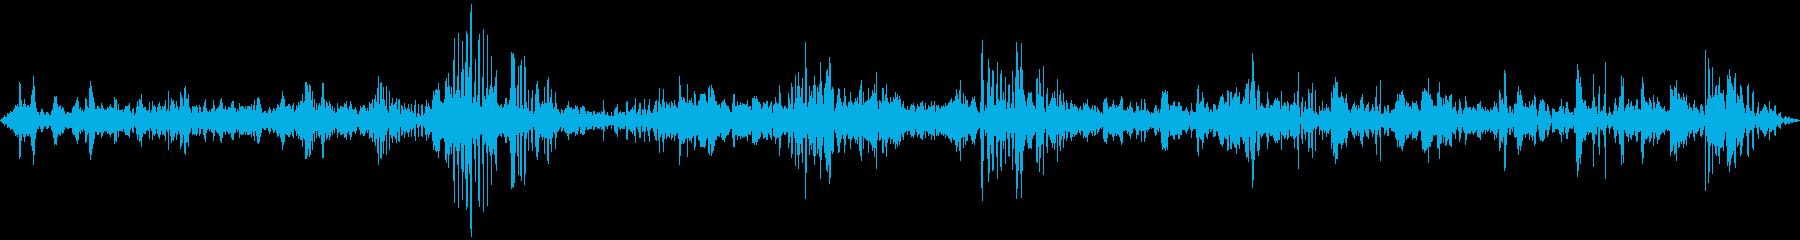 中規模の群衆:声、笑い声、一般的な...の再生済みの波形